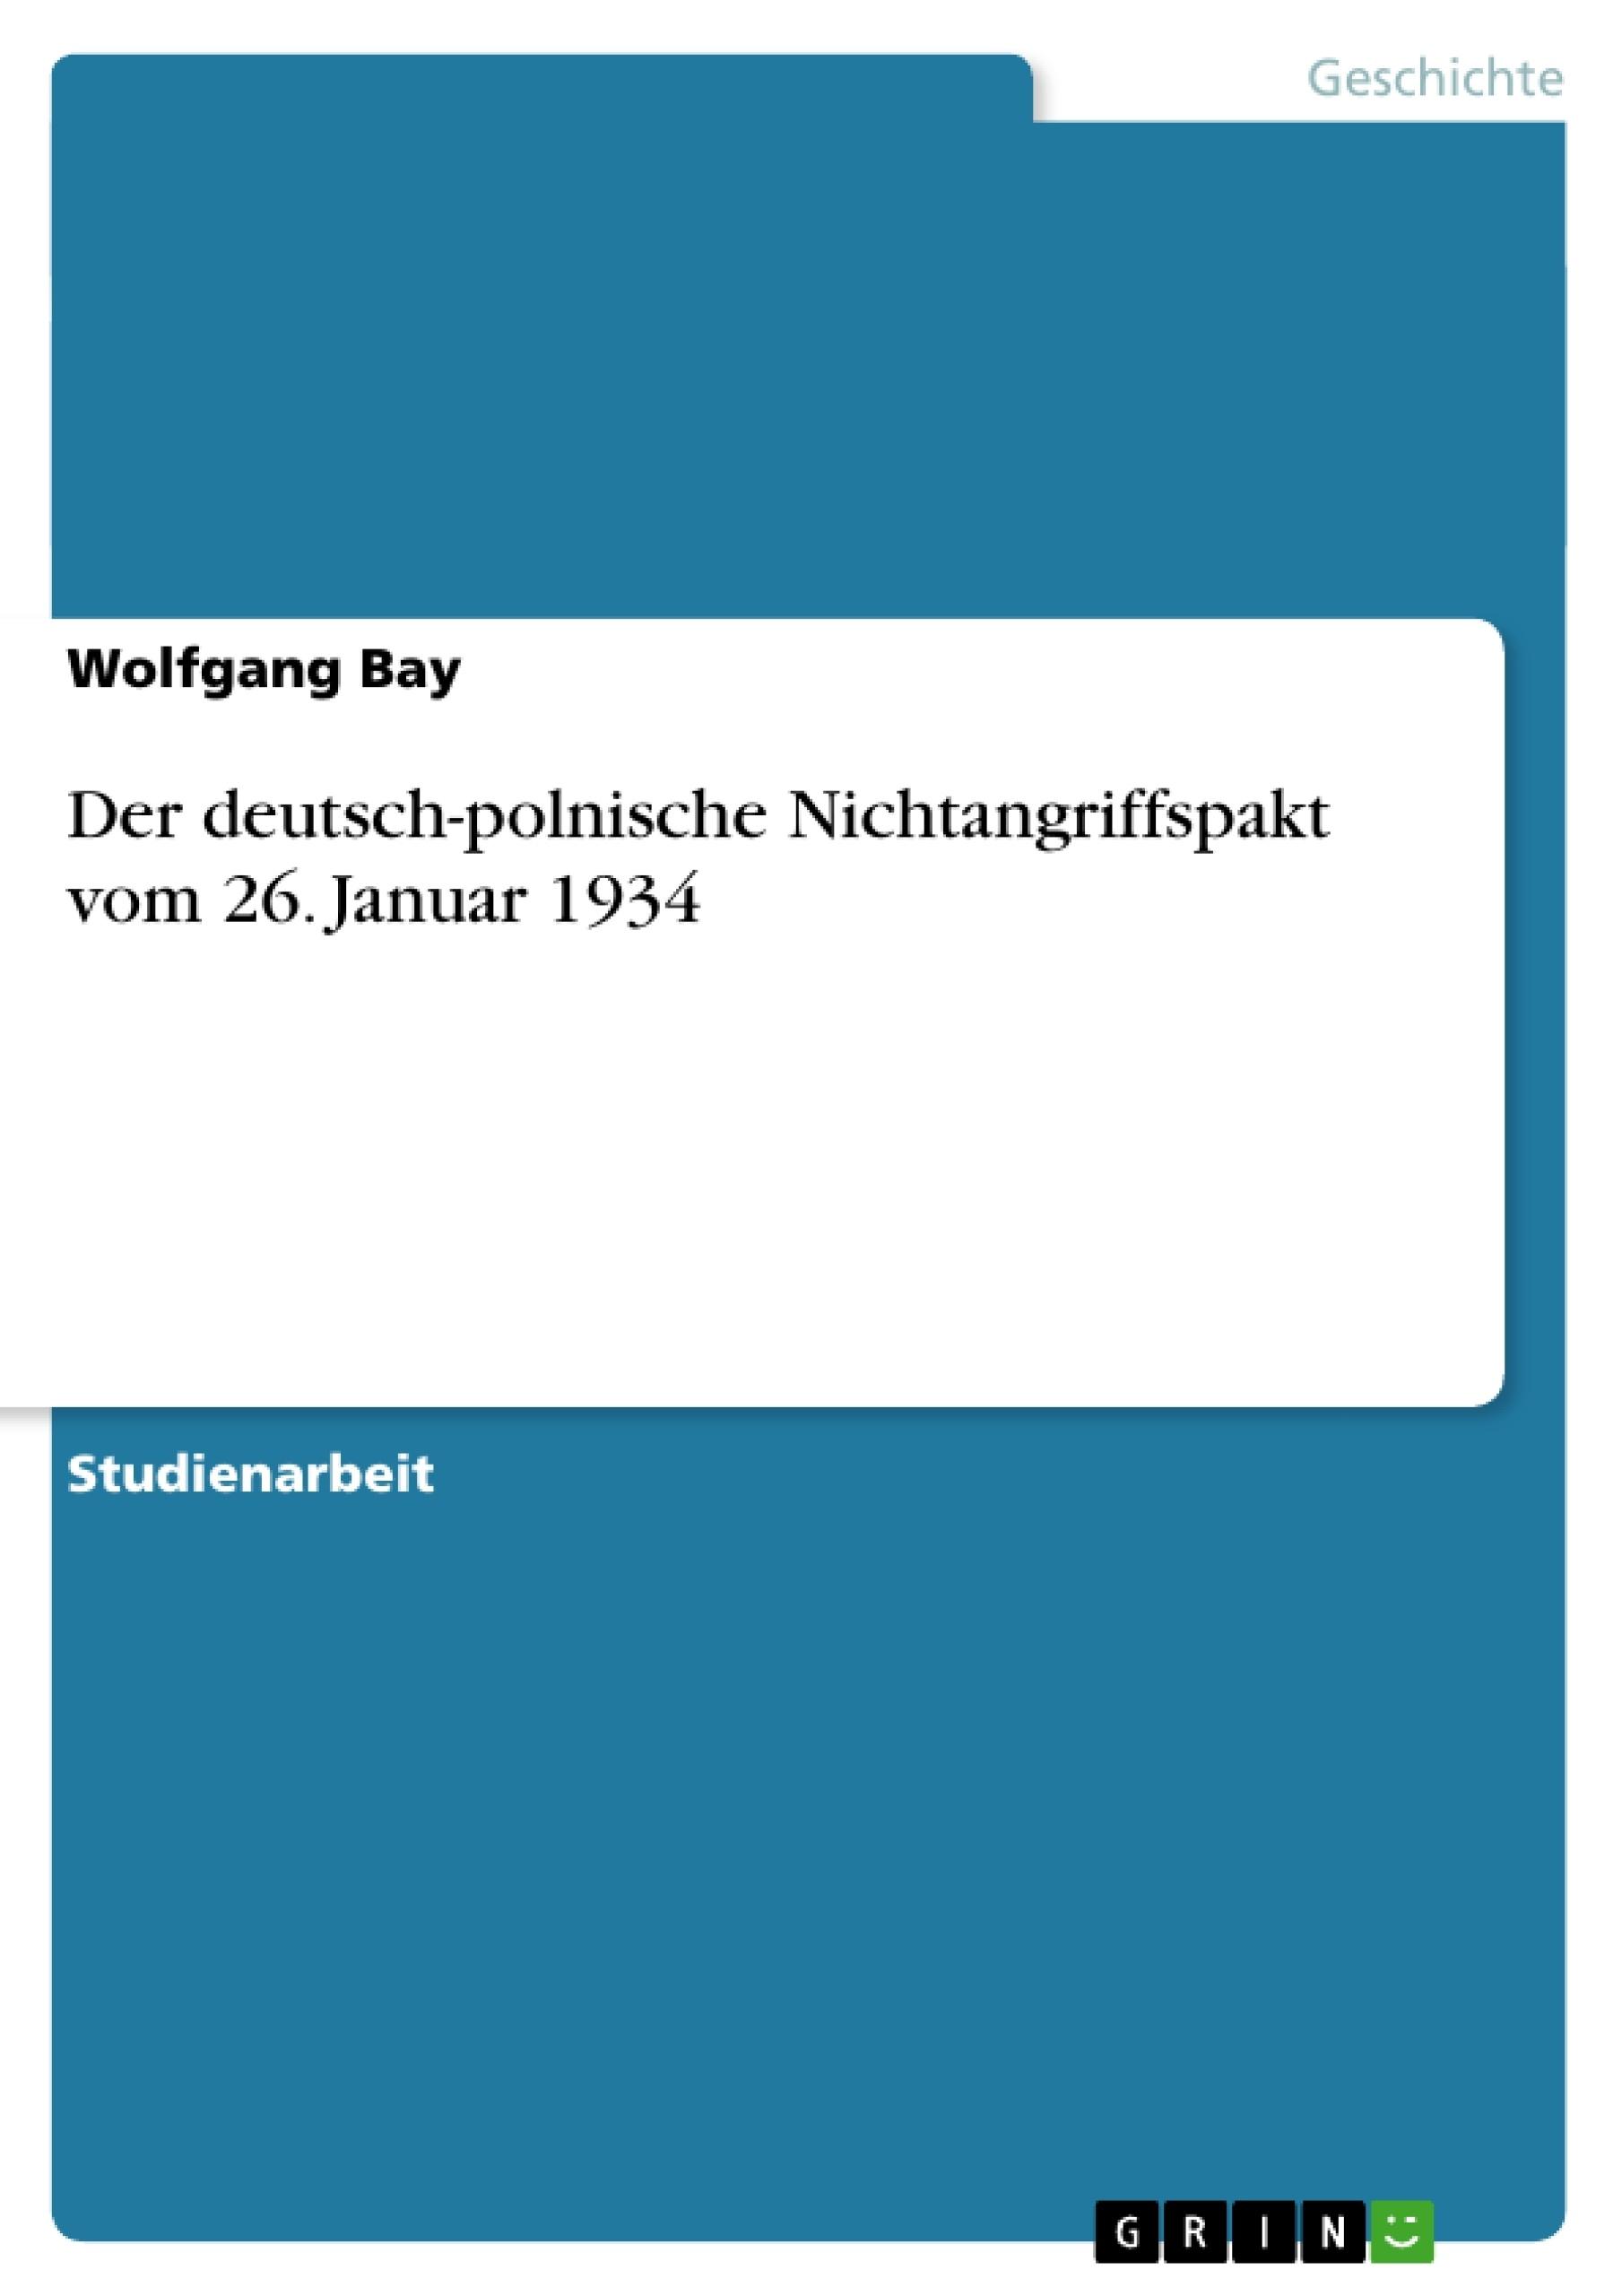 Titel: Der deutsch-polnische Nichtangriffspakt vom 26. Januar 1934